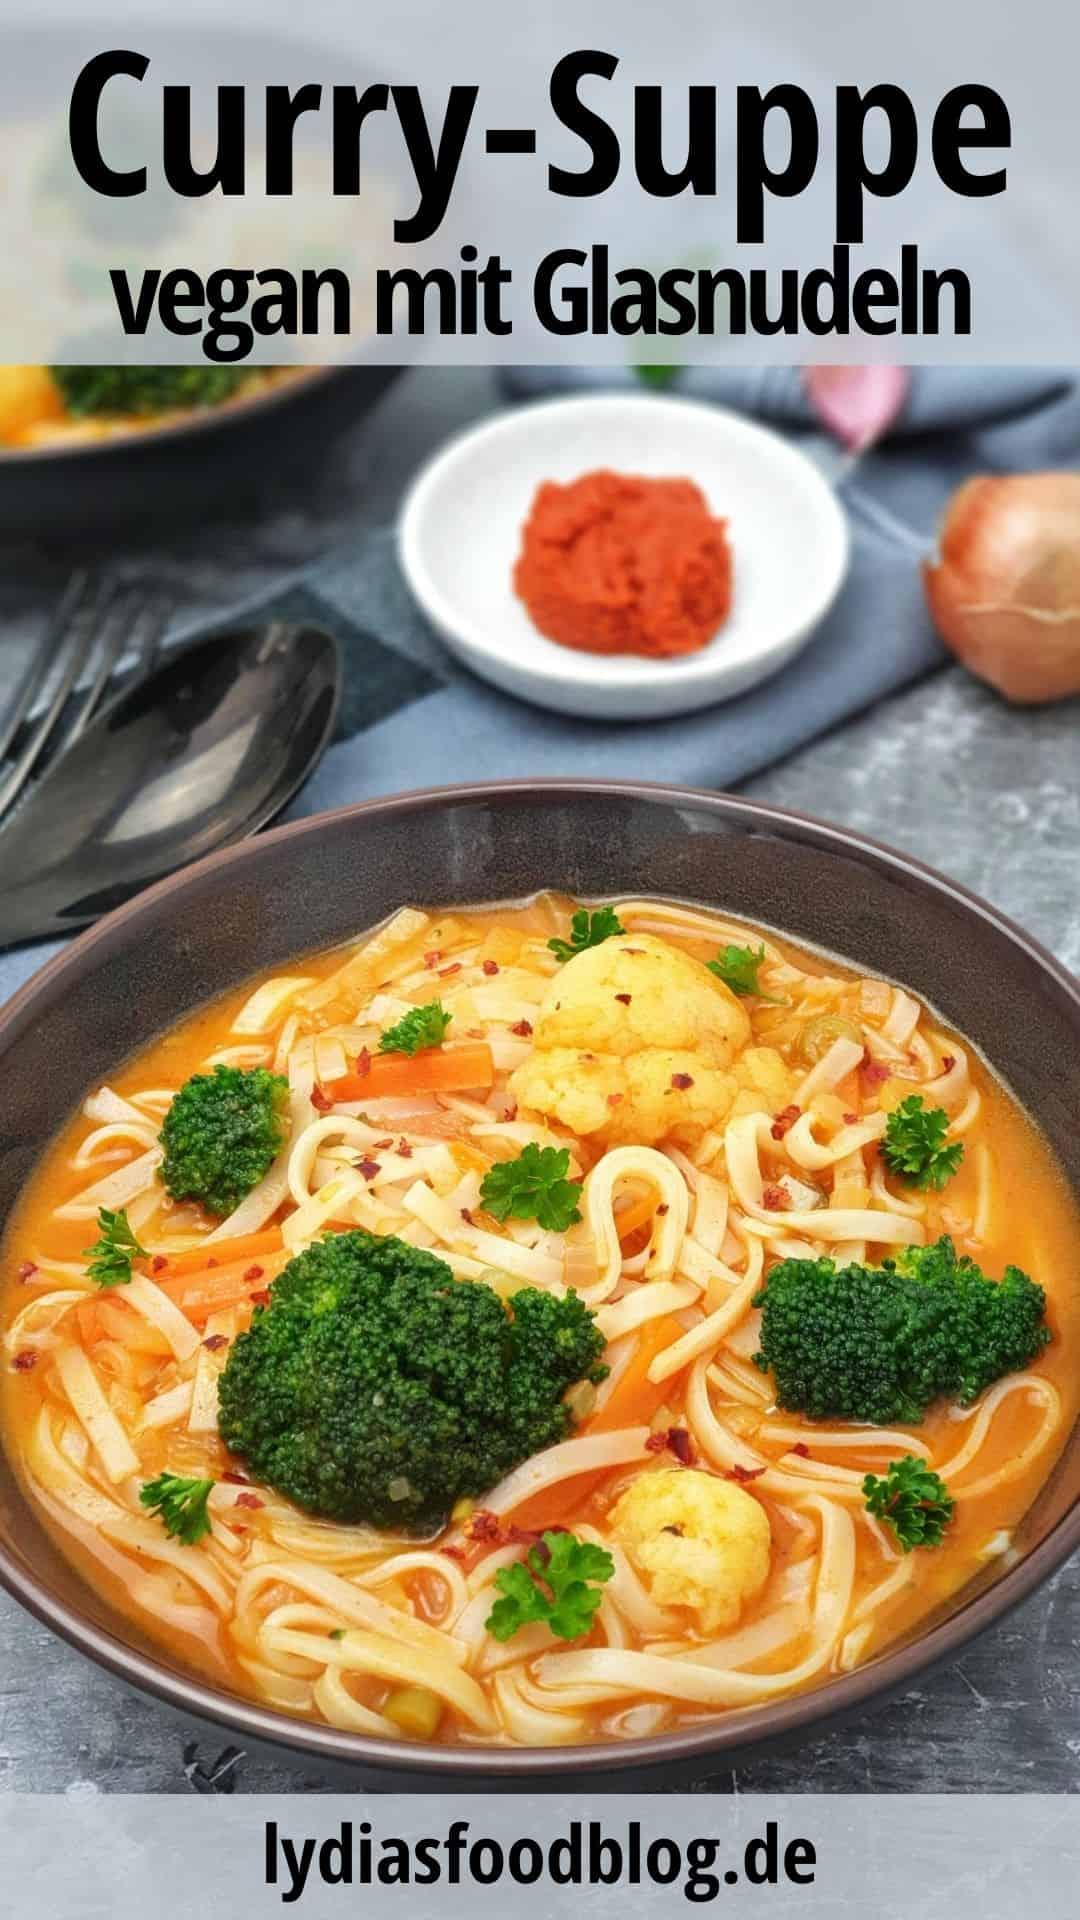 In einer braunen Schale eine rote Curry-Suppe mit Glasnudeln, Brokkoli und Blumenkohl. Im Hintergrund Deko.